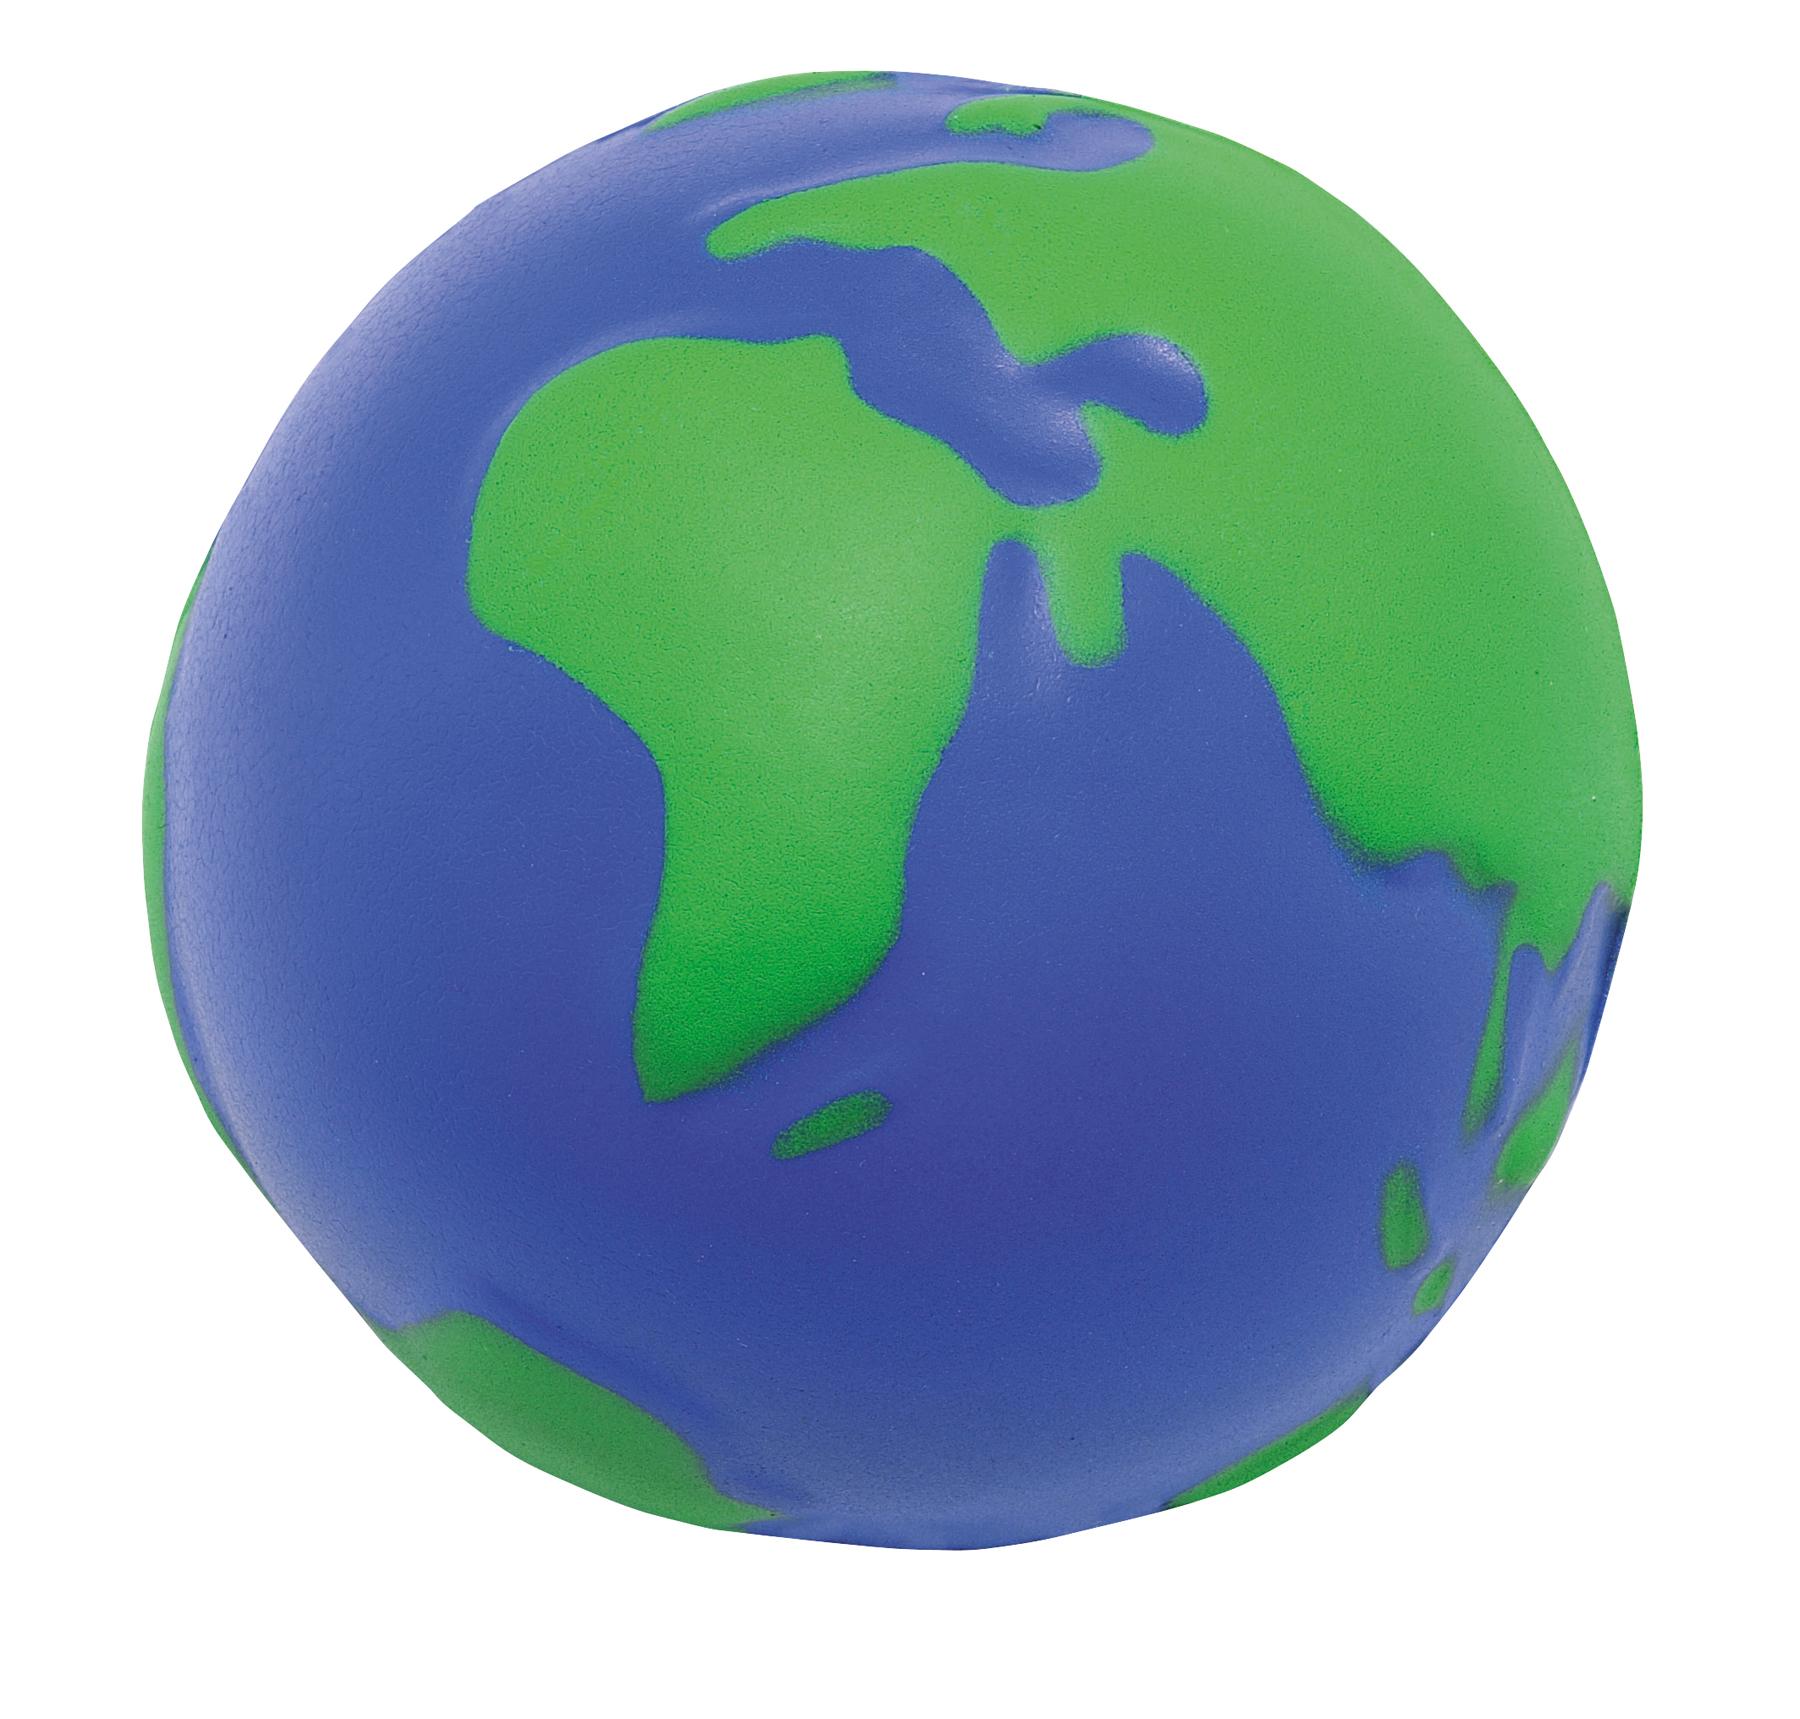 Piłeczka antystresowa GLOBUS, niebieski, zielony